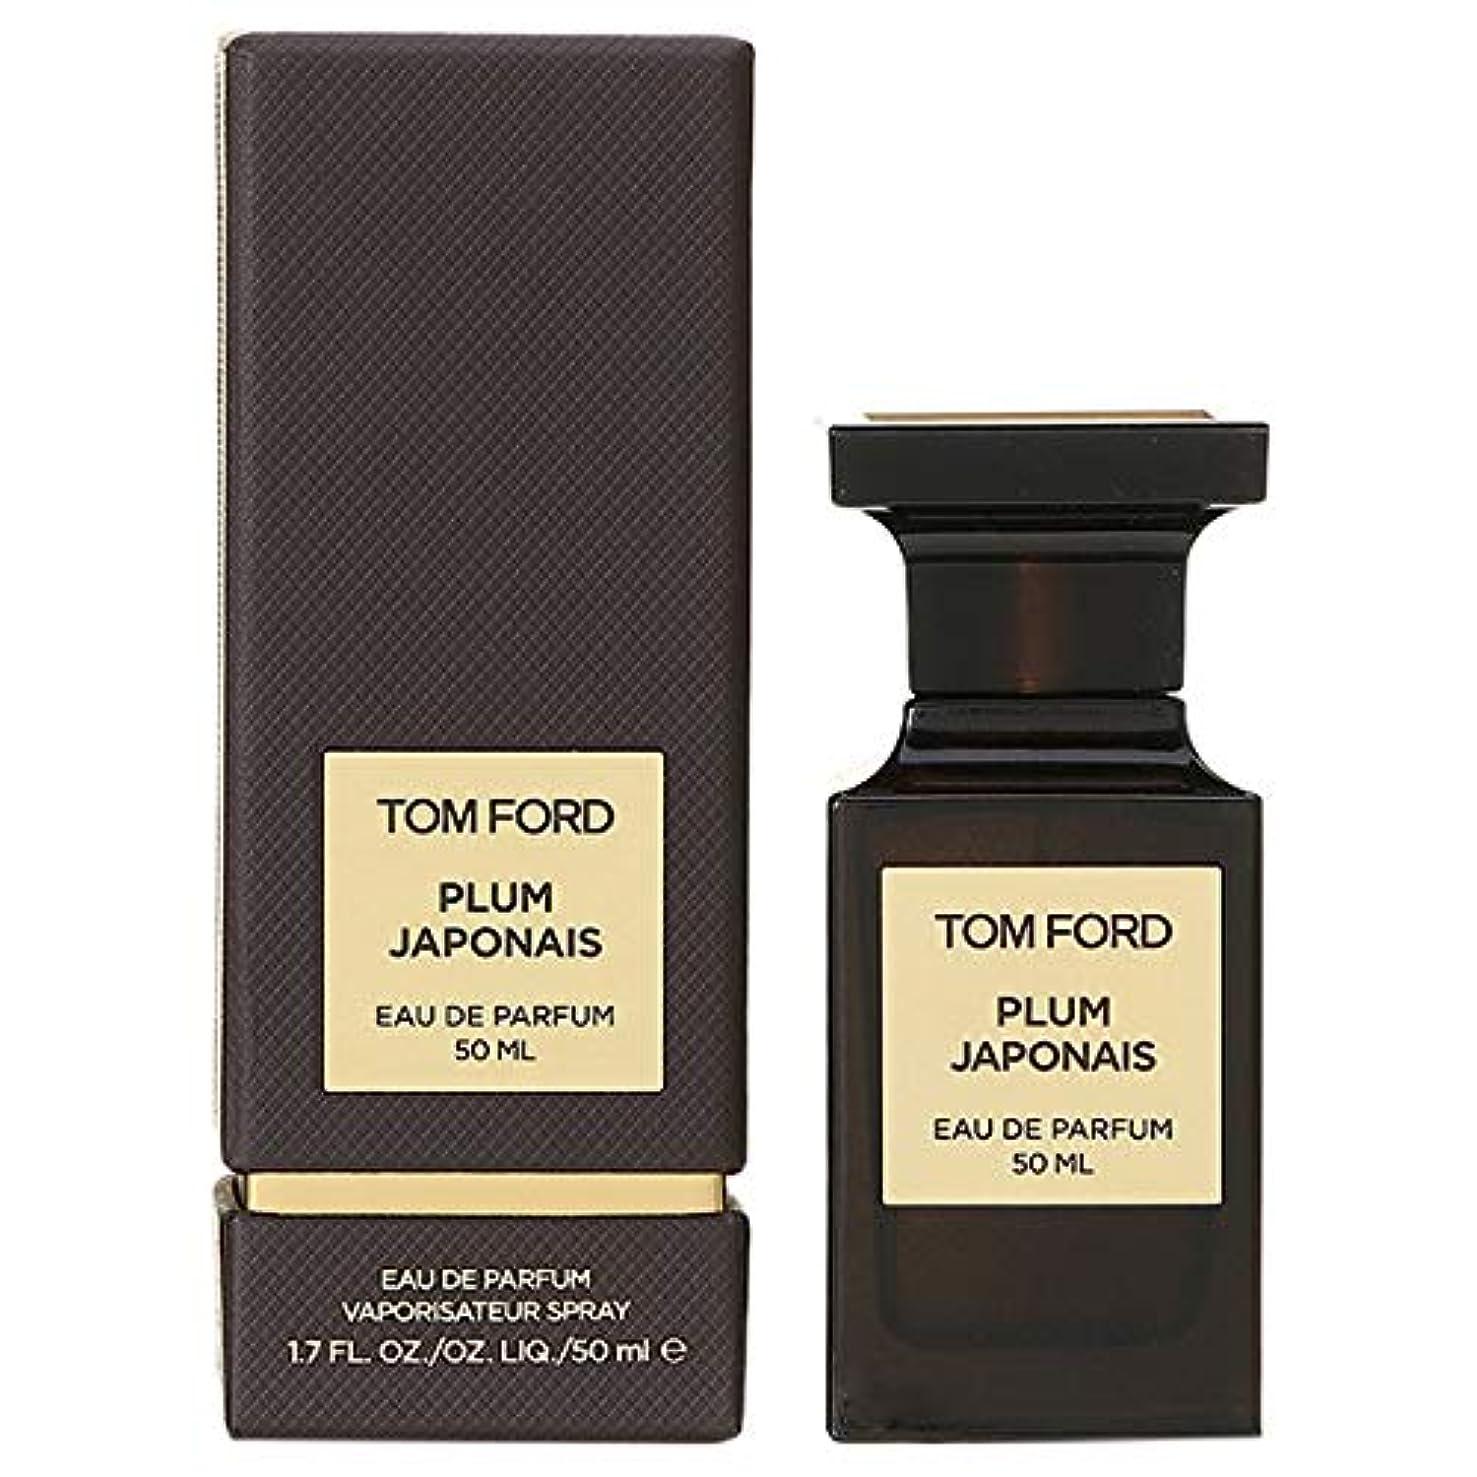 下着ノイズ減らすトム フォード ビューティ TOM FORD BEAUTY プラム ジャポネ オード パルファム スプレィ EDP 50mL 【並行輸入品】